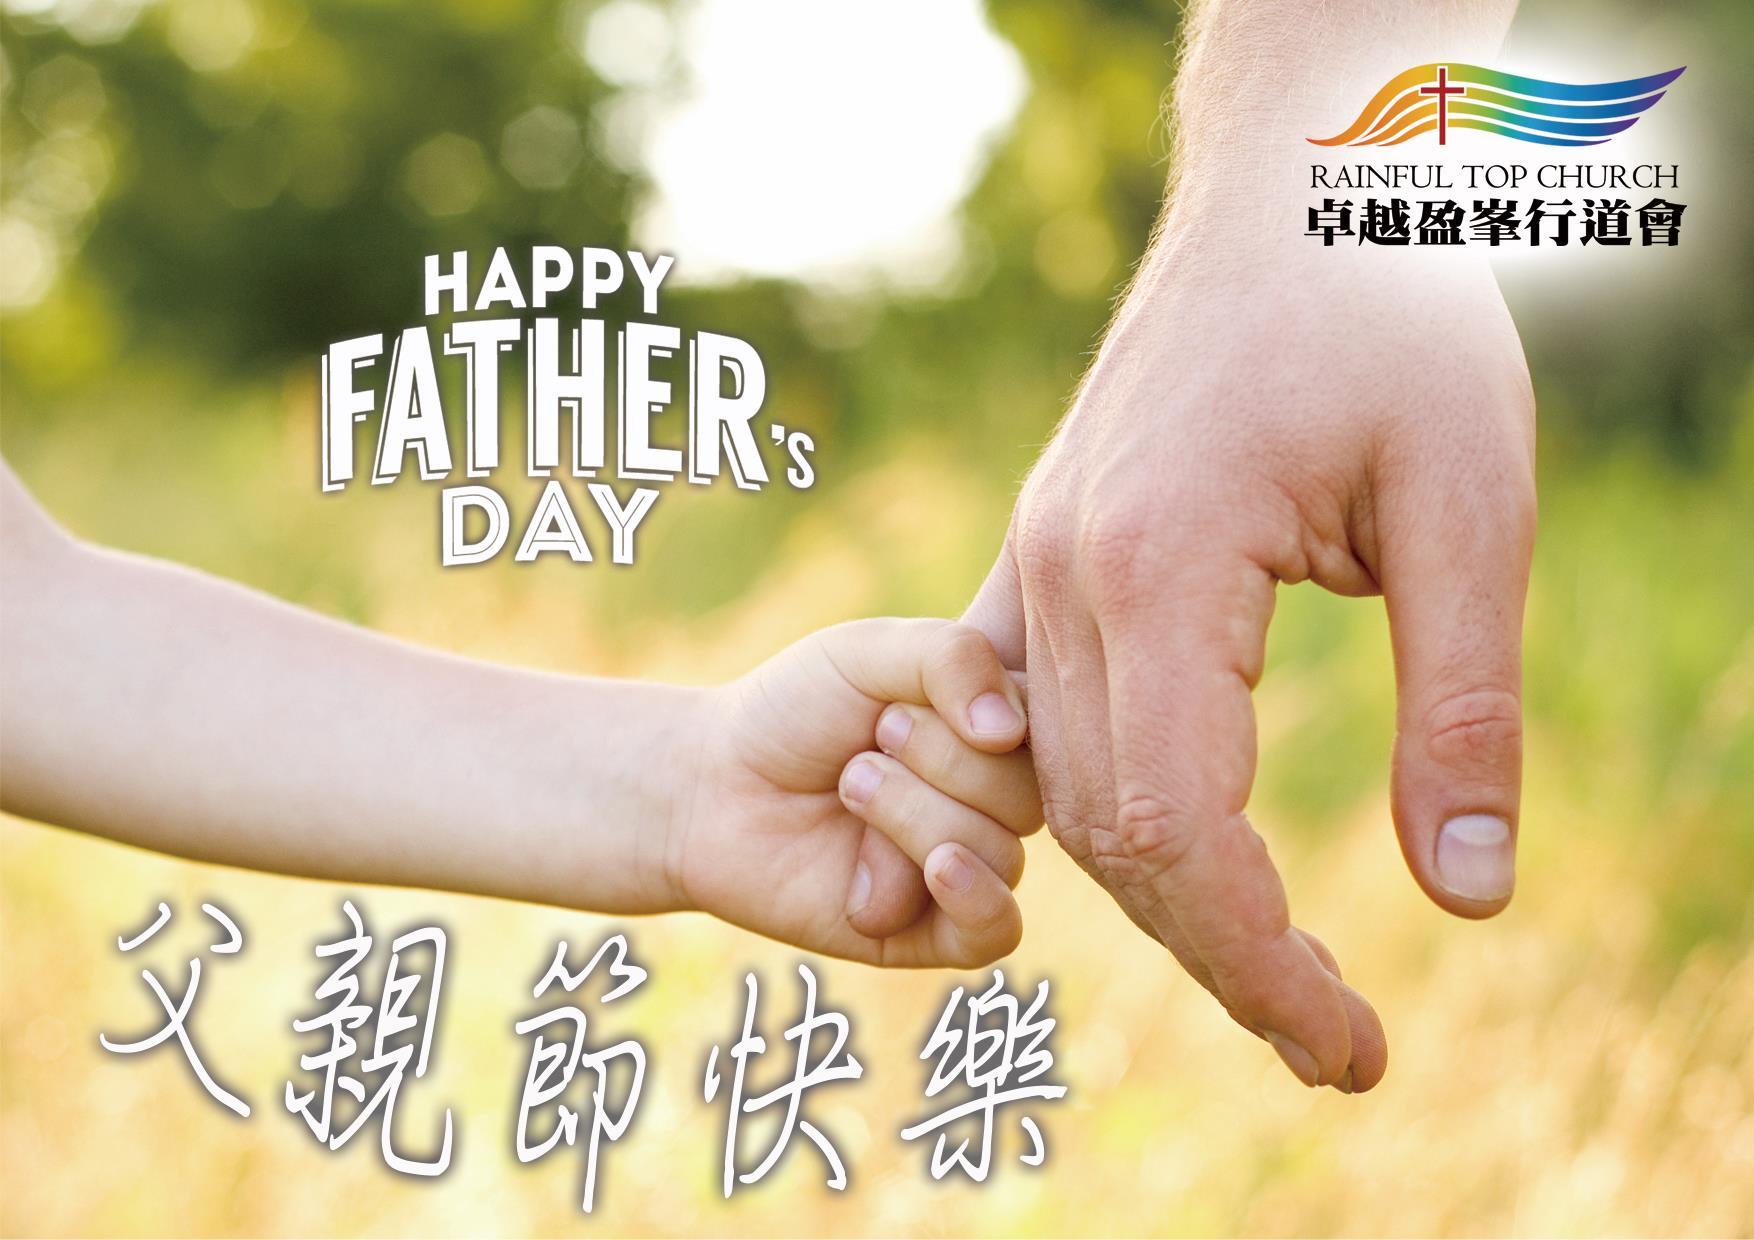 祝各位爸爸父親節快樂